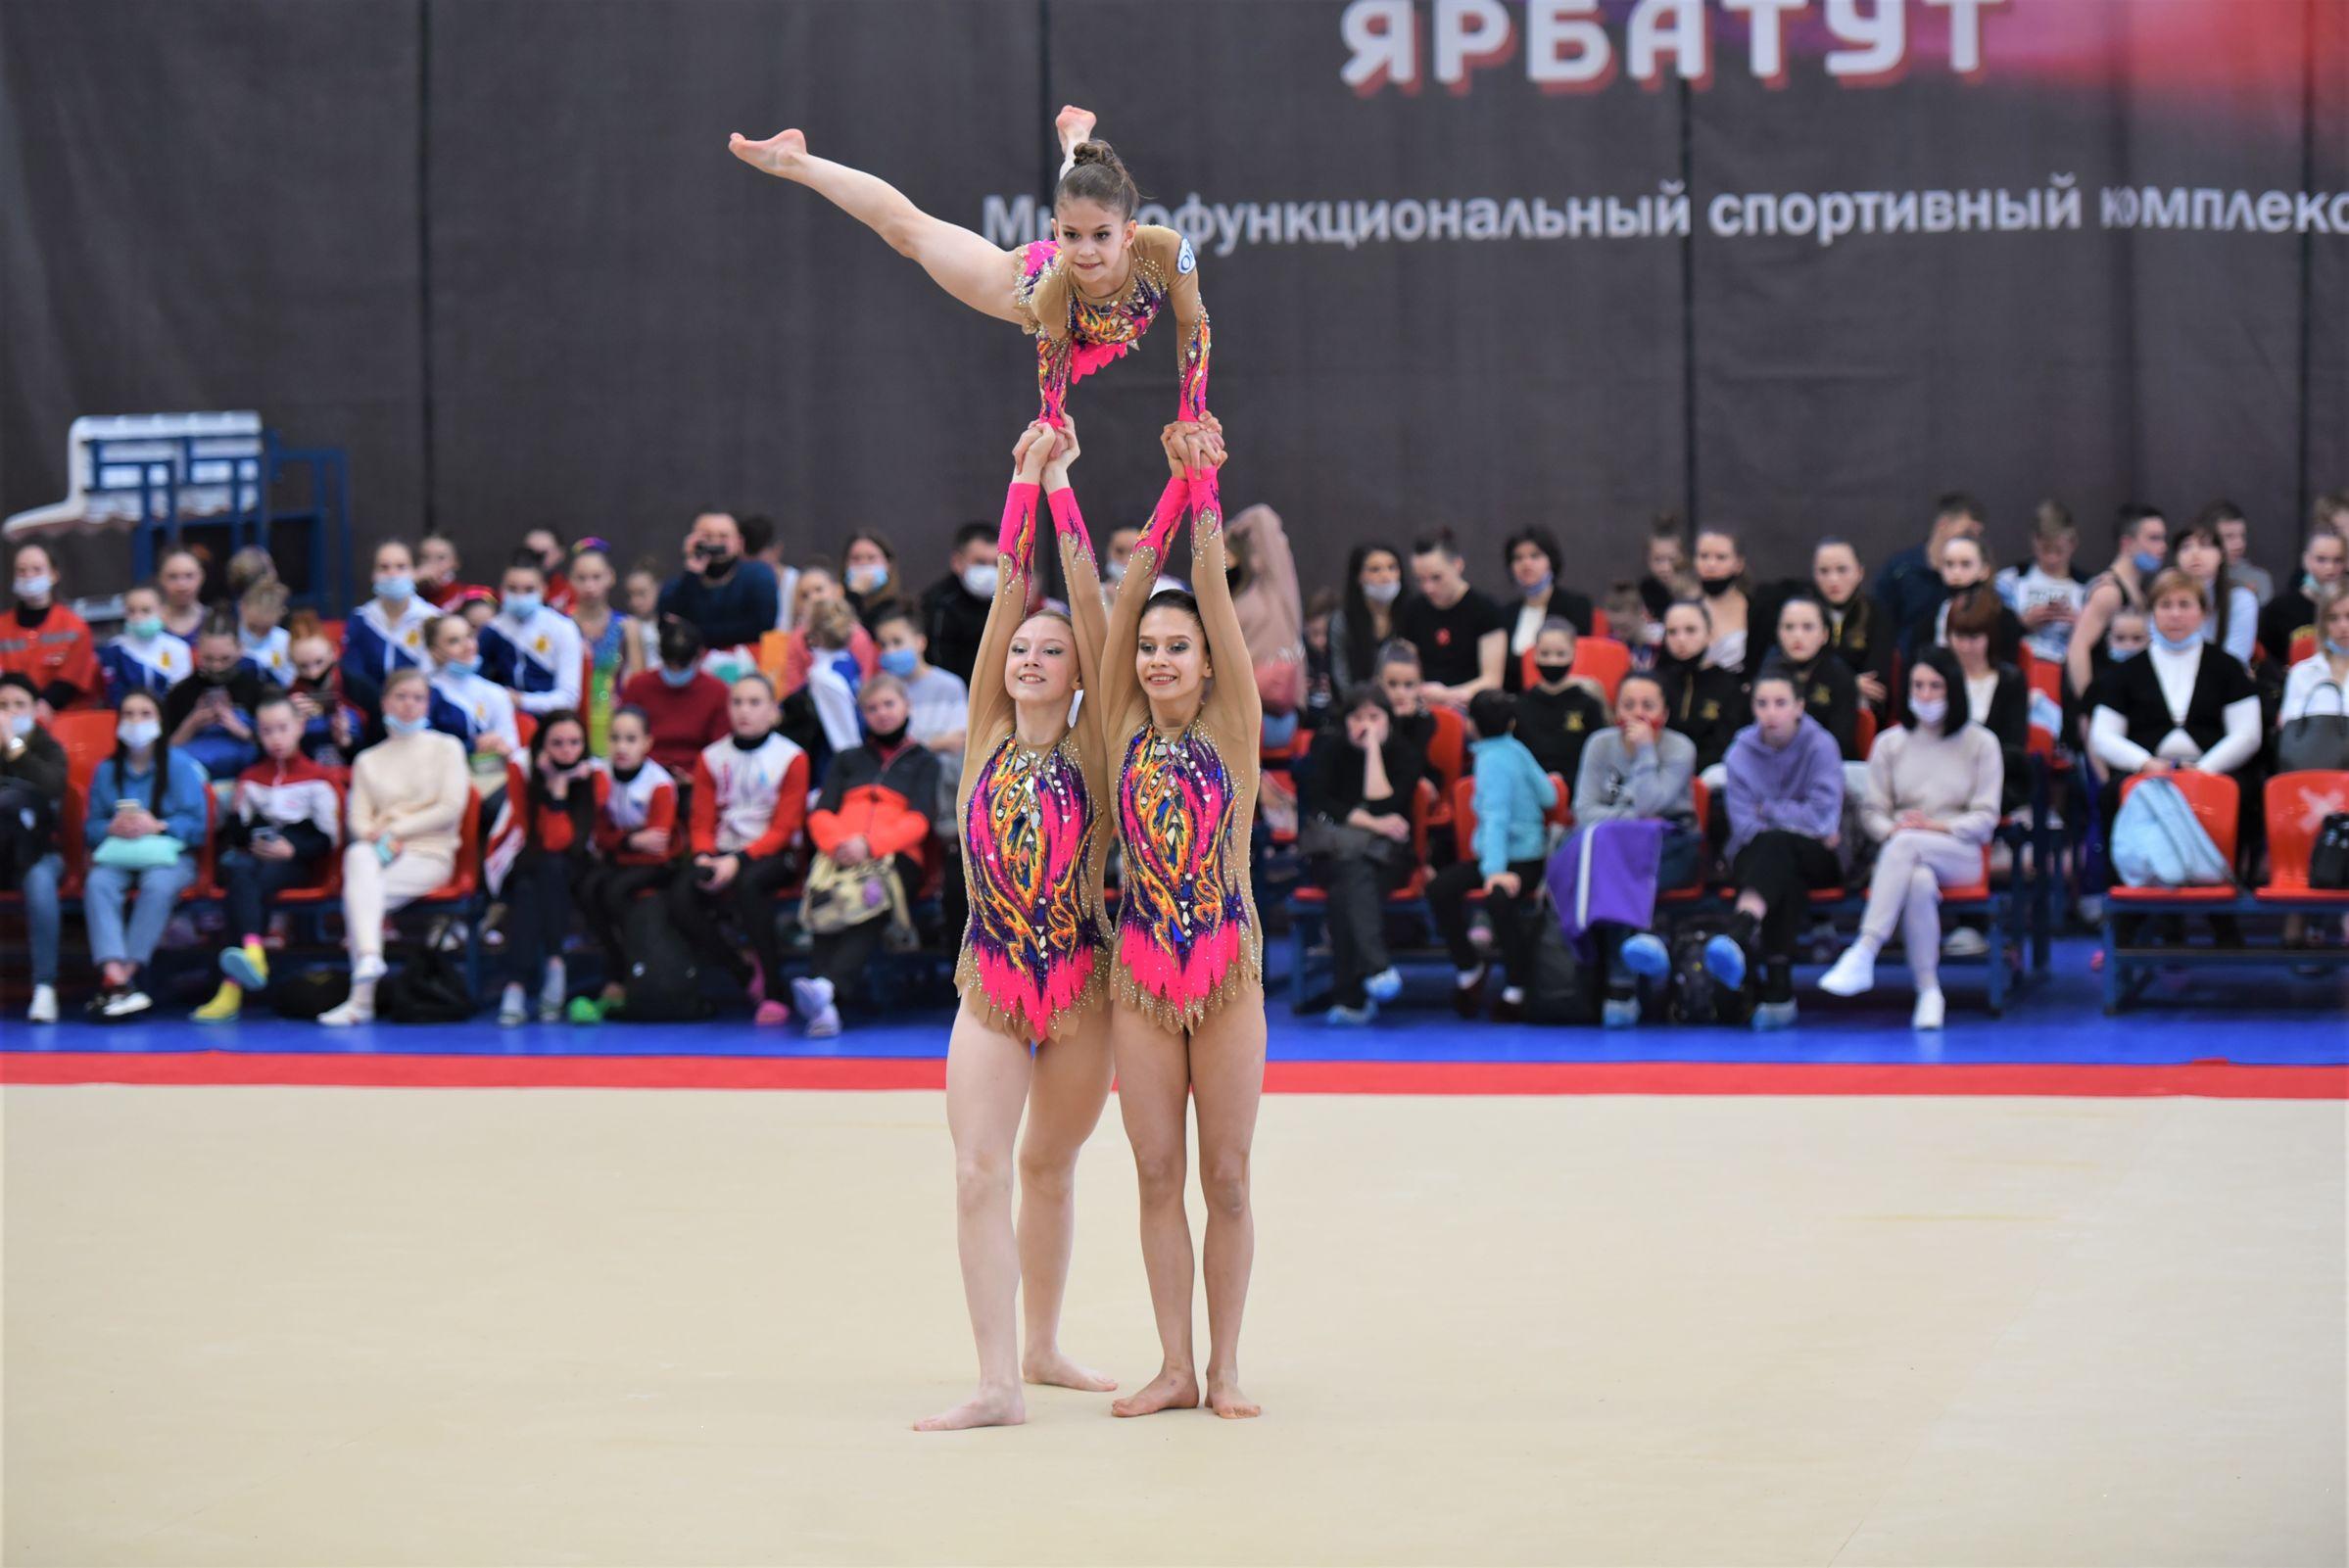 В Ярославле 267 спортсменов из 26 регионов сражаются на первенстве России по акробатике